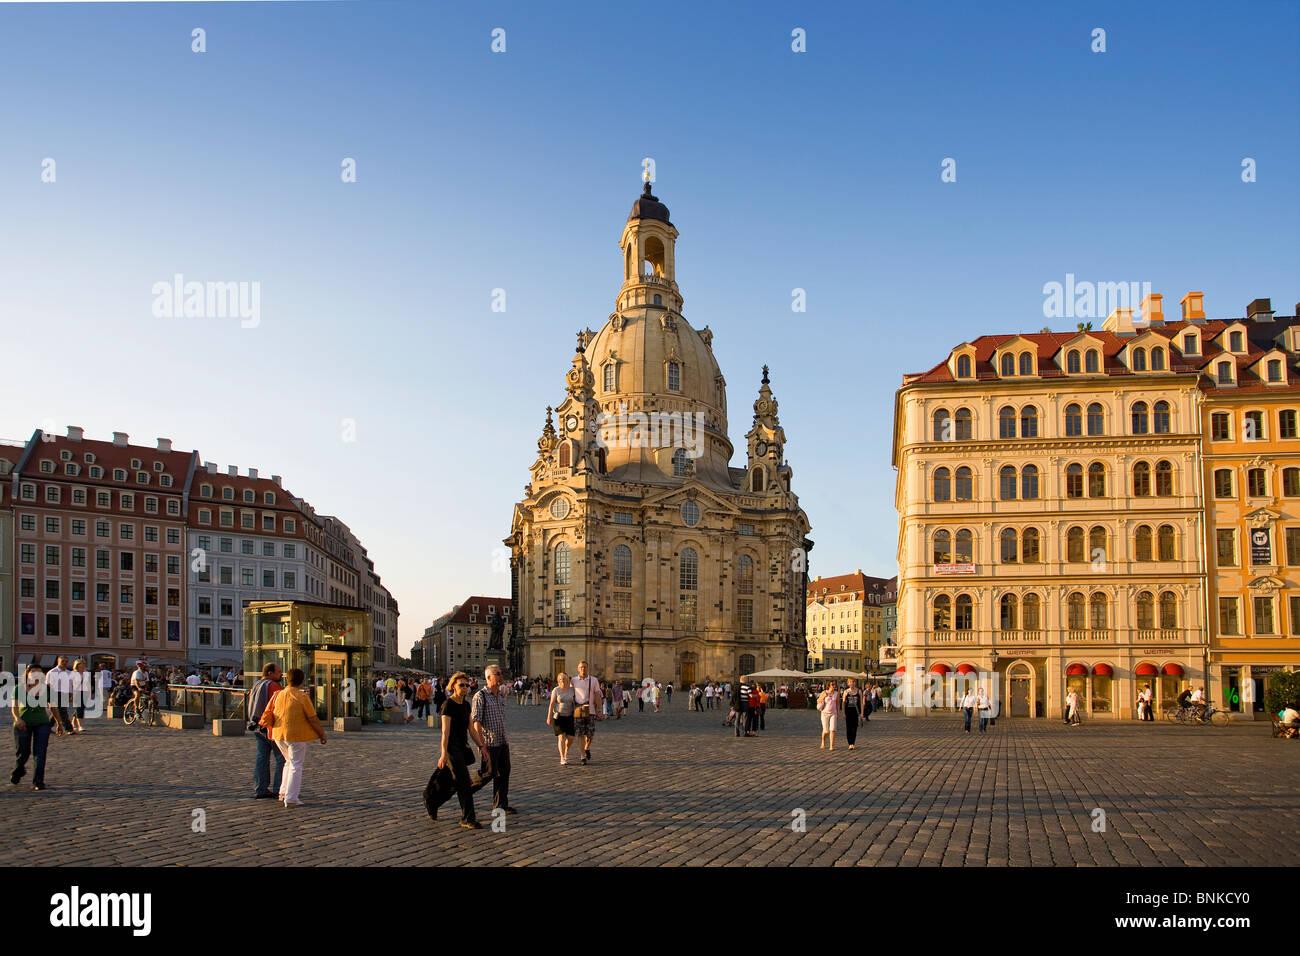 Alemania Dresden Iglesia de Nuestra Señora de la iglesia catedral lugar para viajes espaciales turismo vacaciones Imagen De Stock